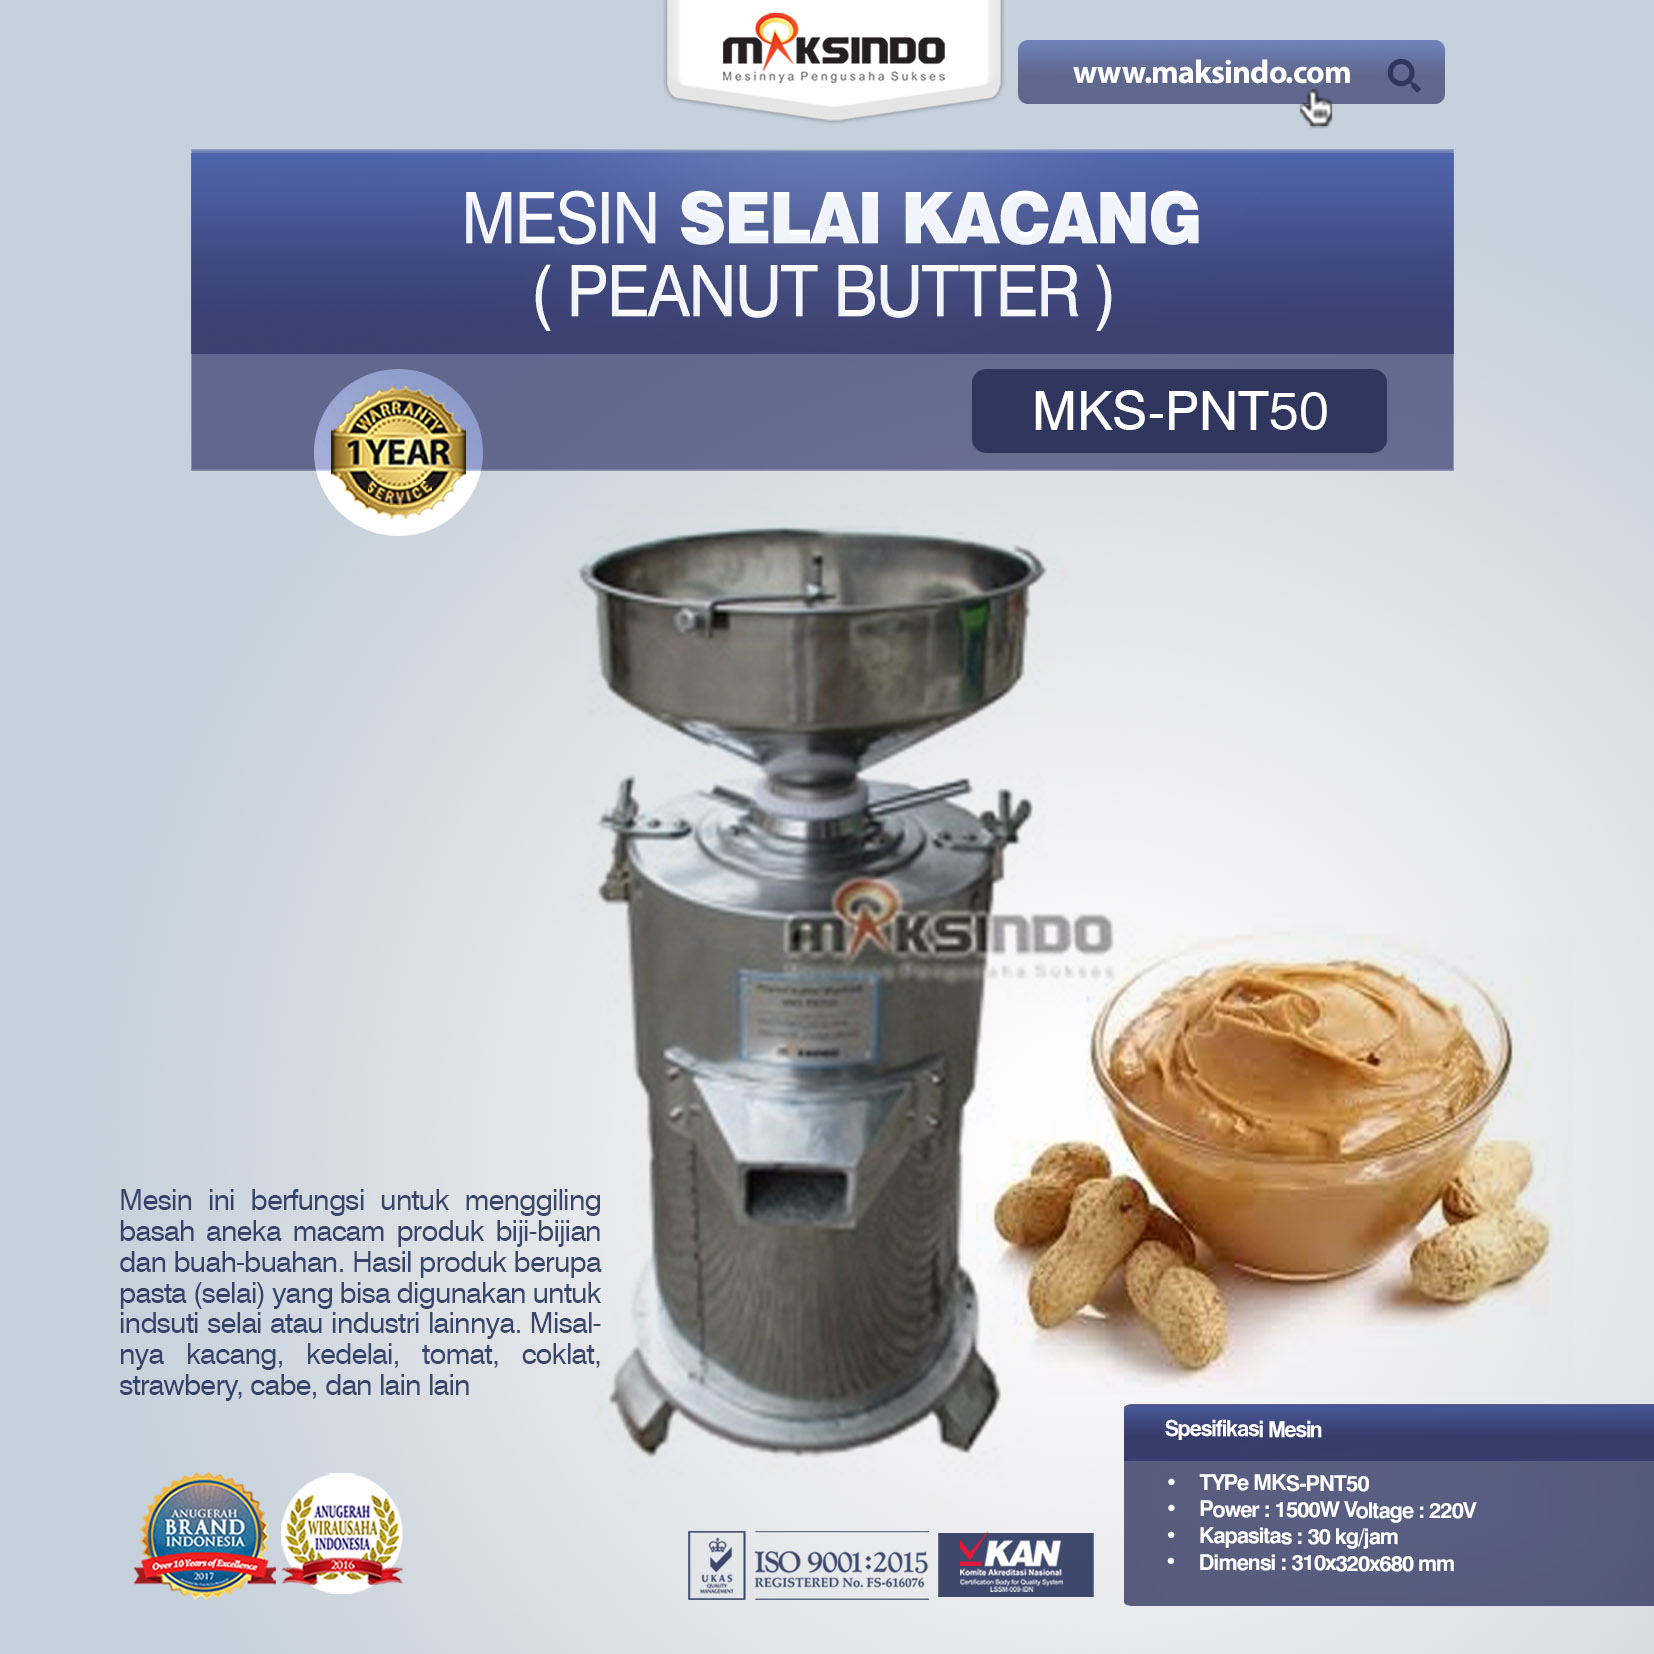 Jual Mesin Selai Kacang (Peanut Butter) MKS-PNT50 Di Bekasi